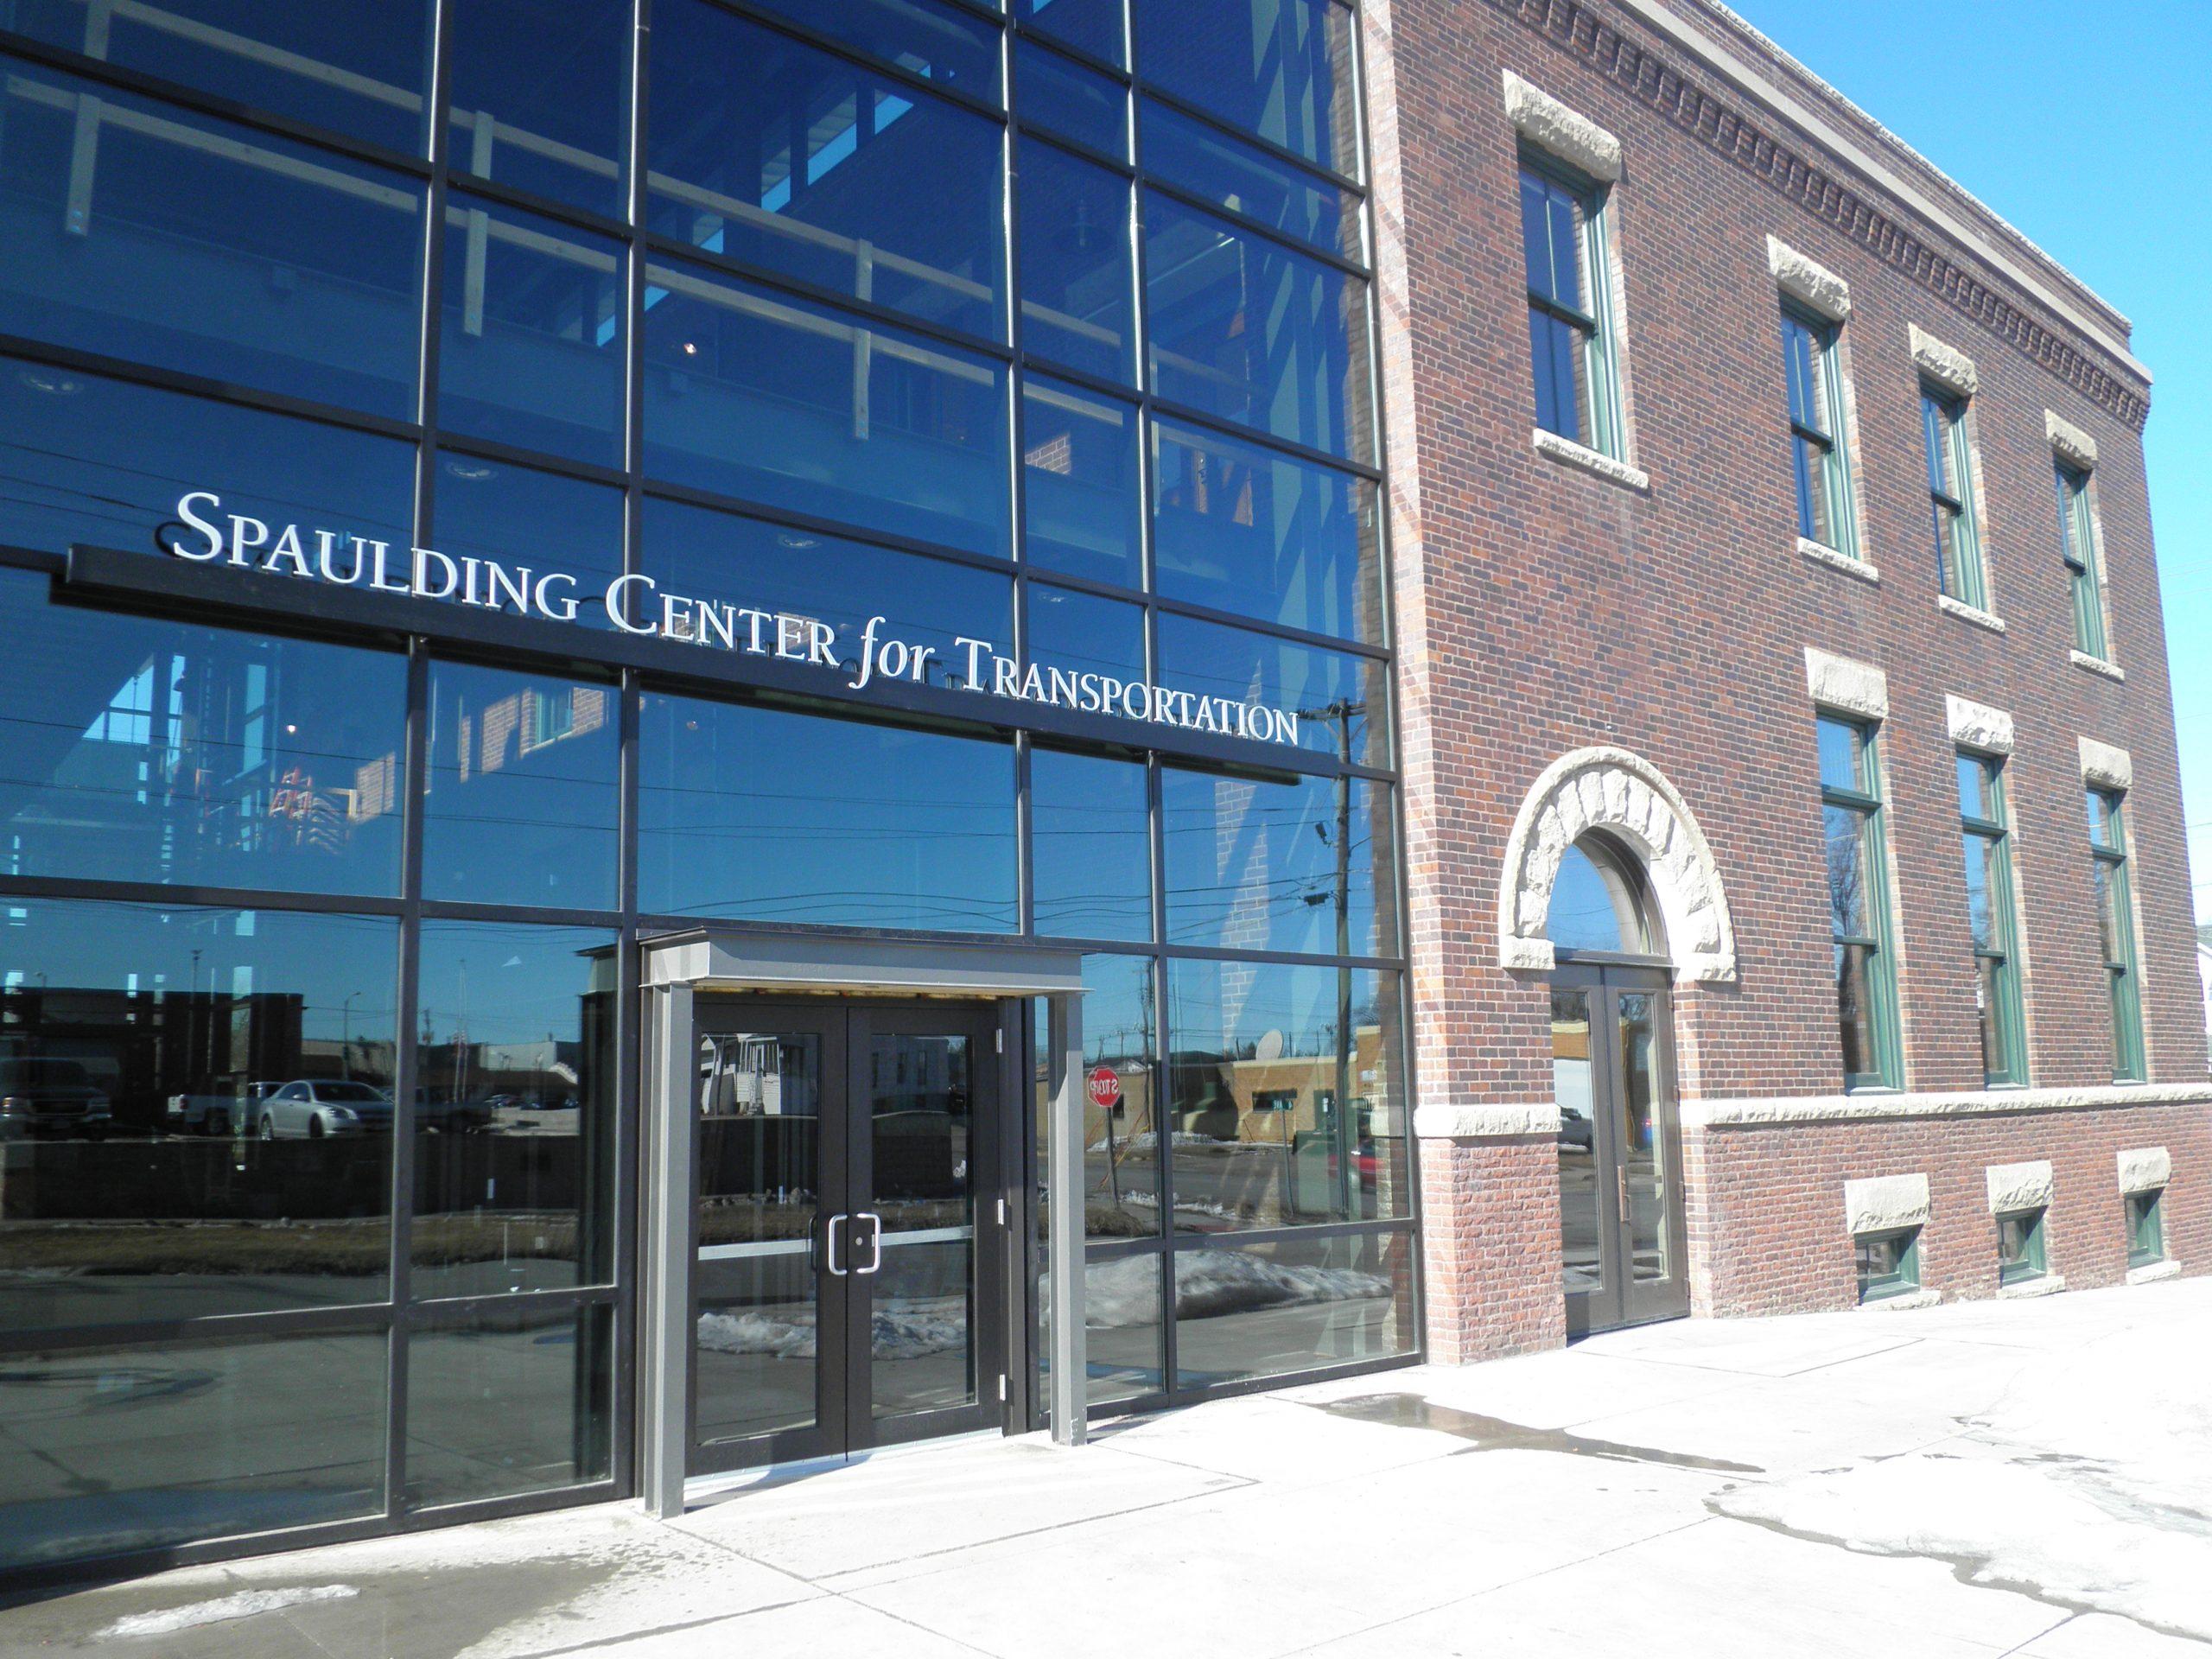 Spaulding Center for Transportation